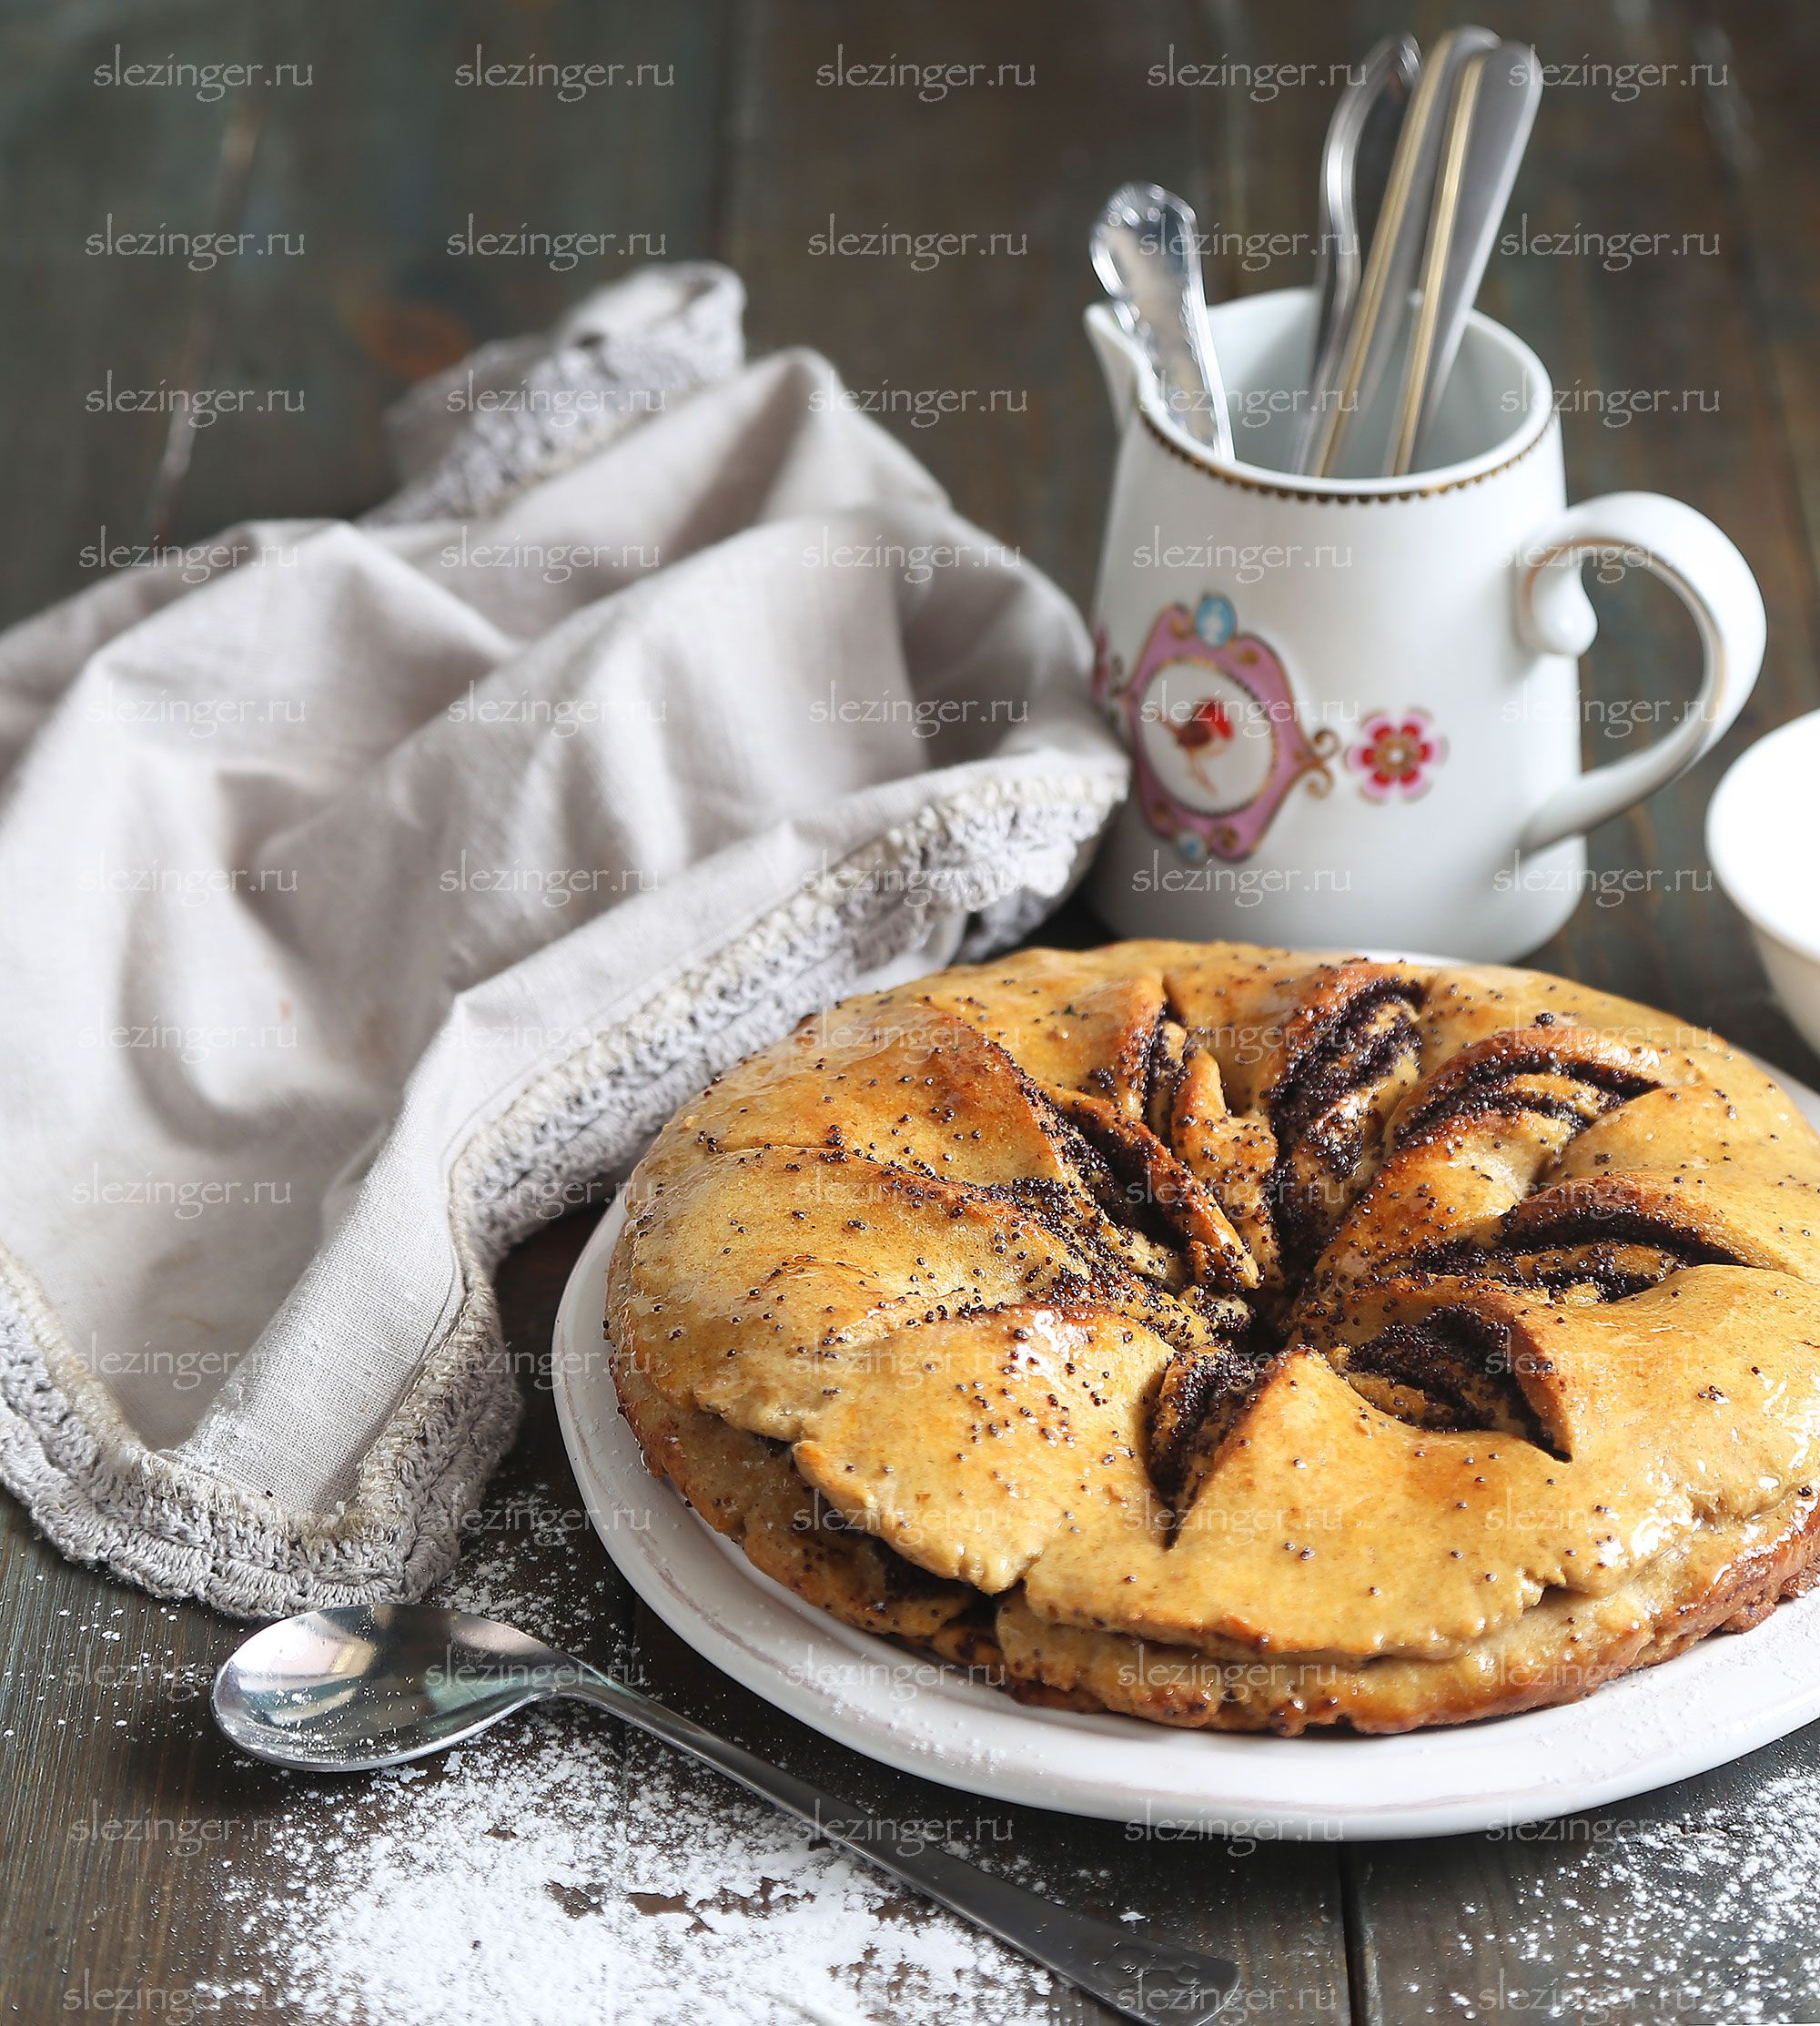 Полезные пирог с маком   Рецепты правильного питания - Эстер ...